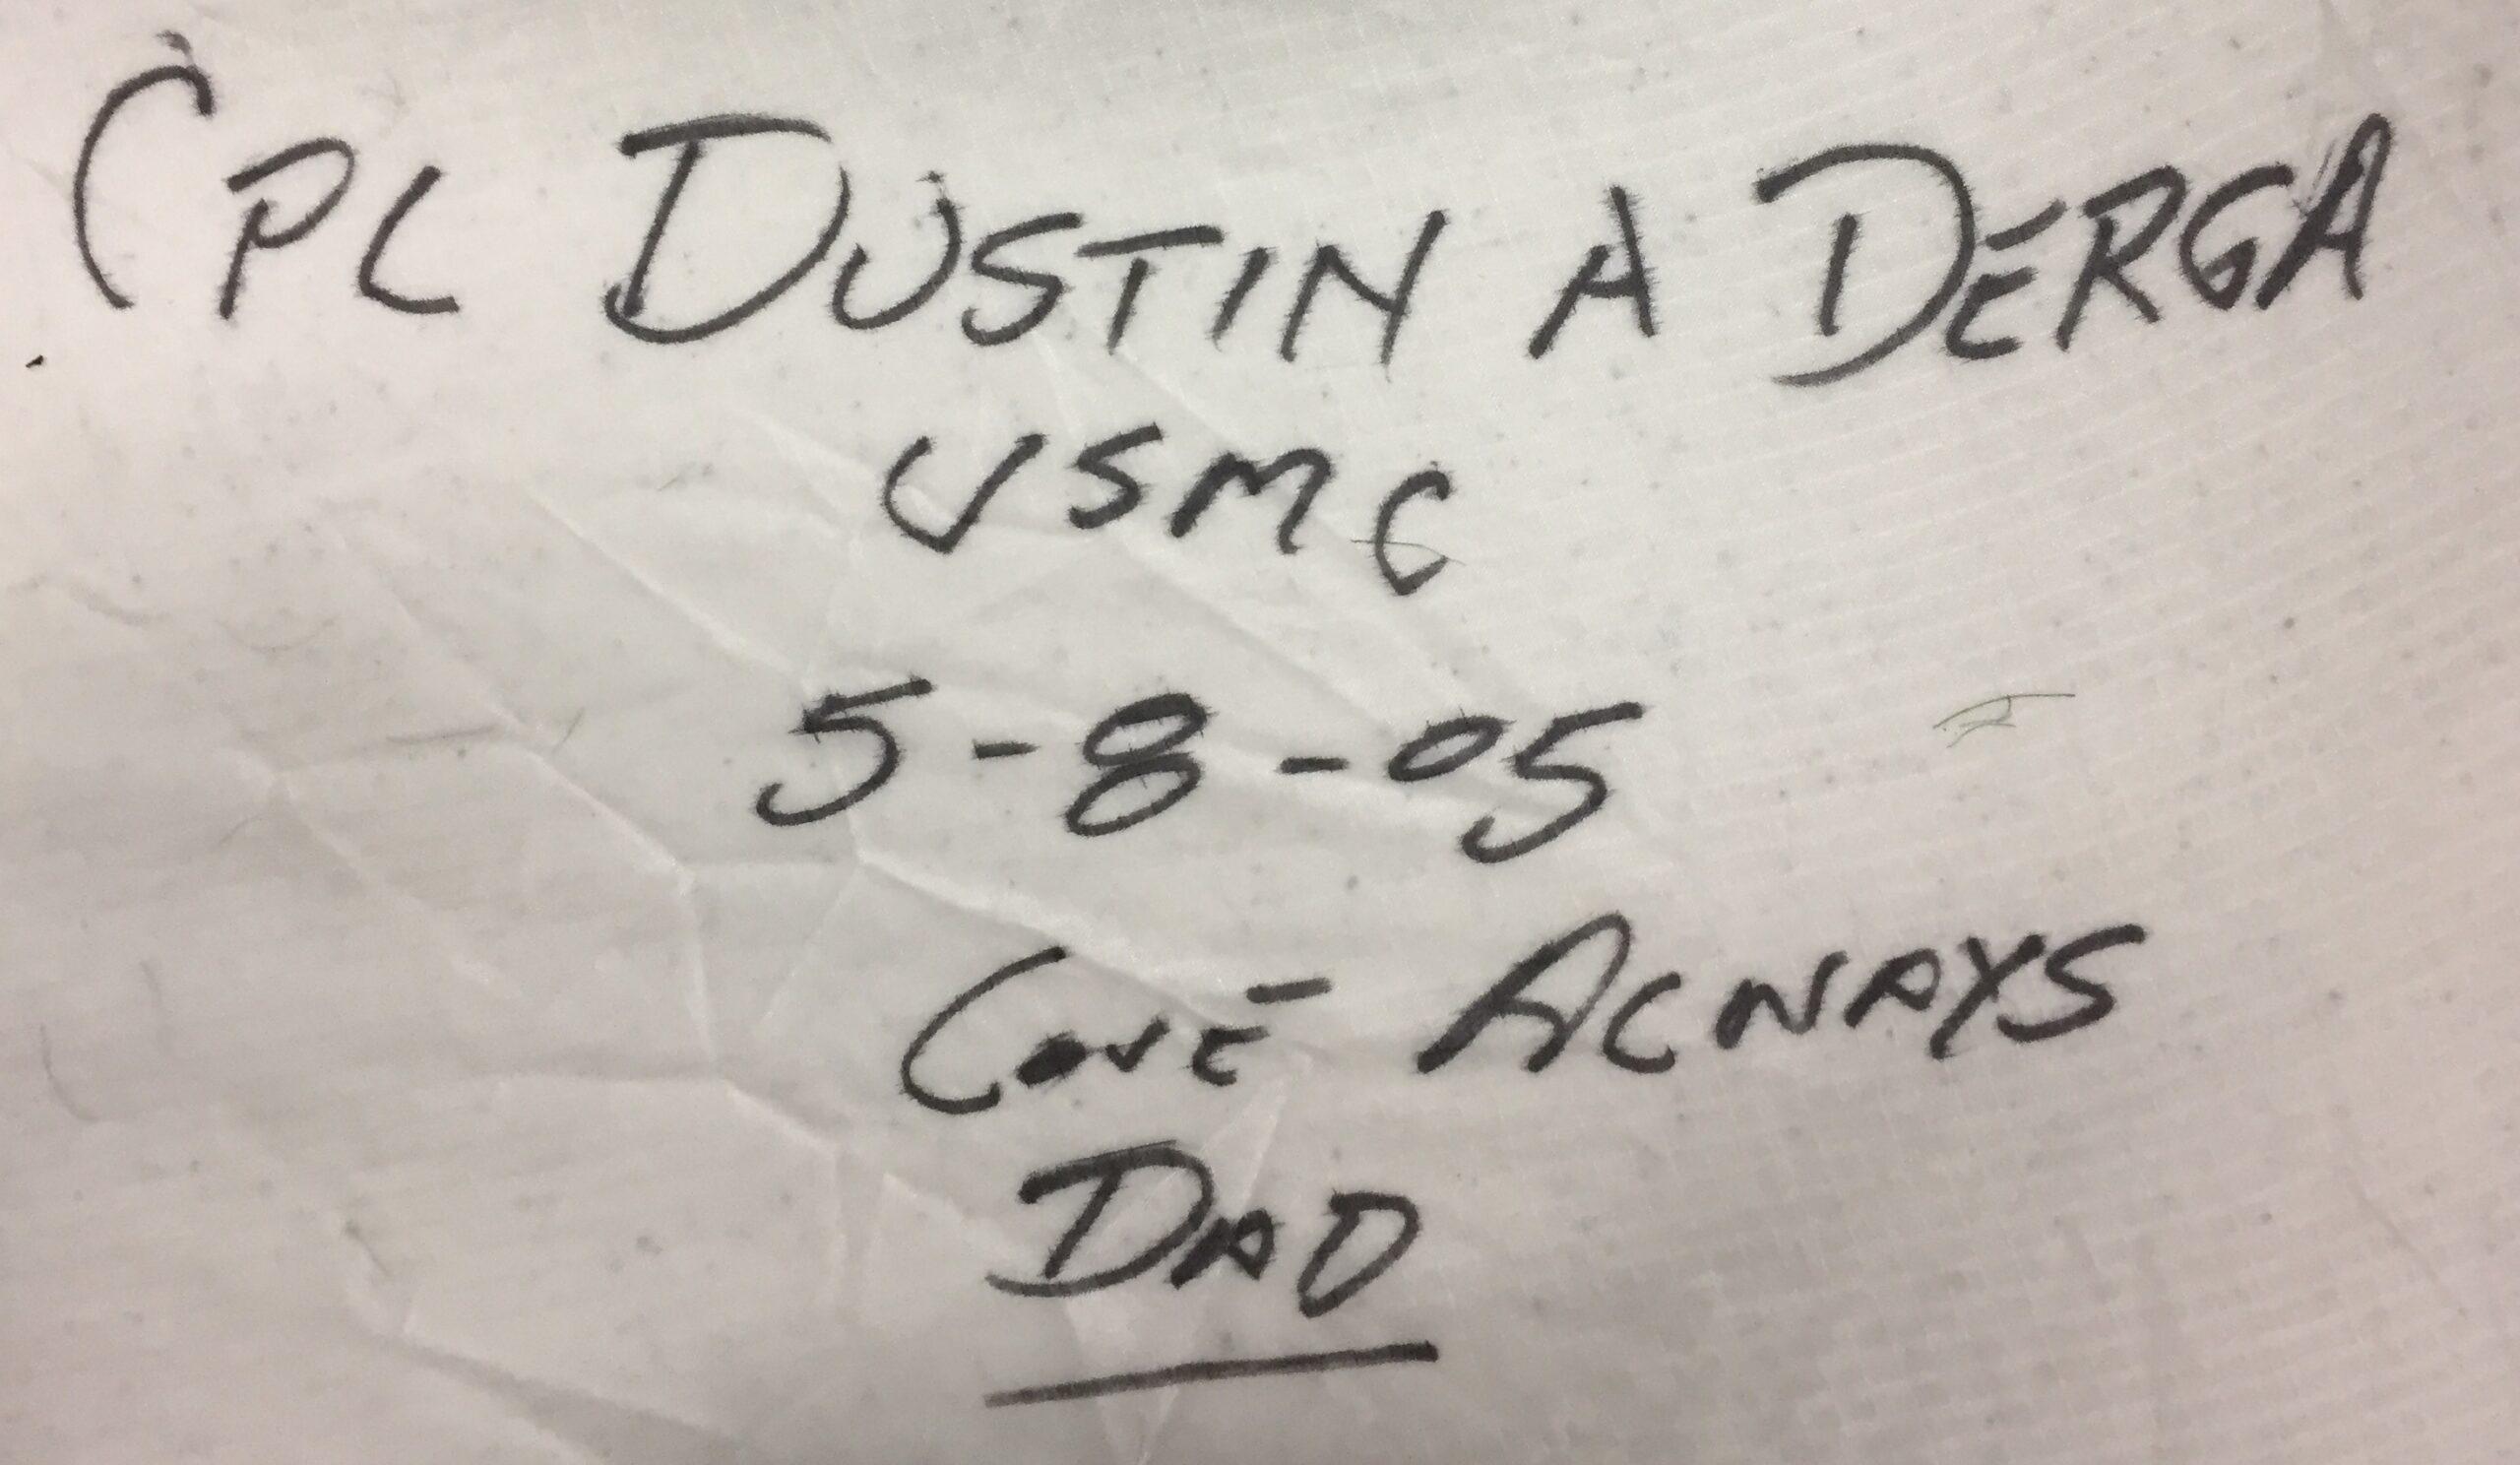 CPL-Dustin-A-Derga2